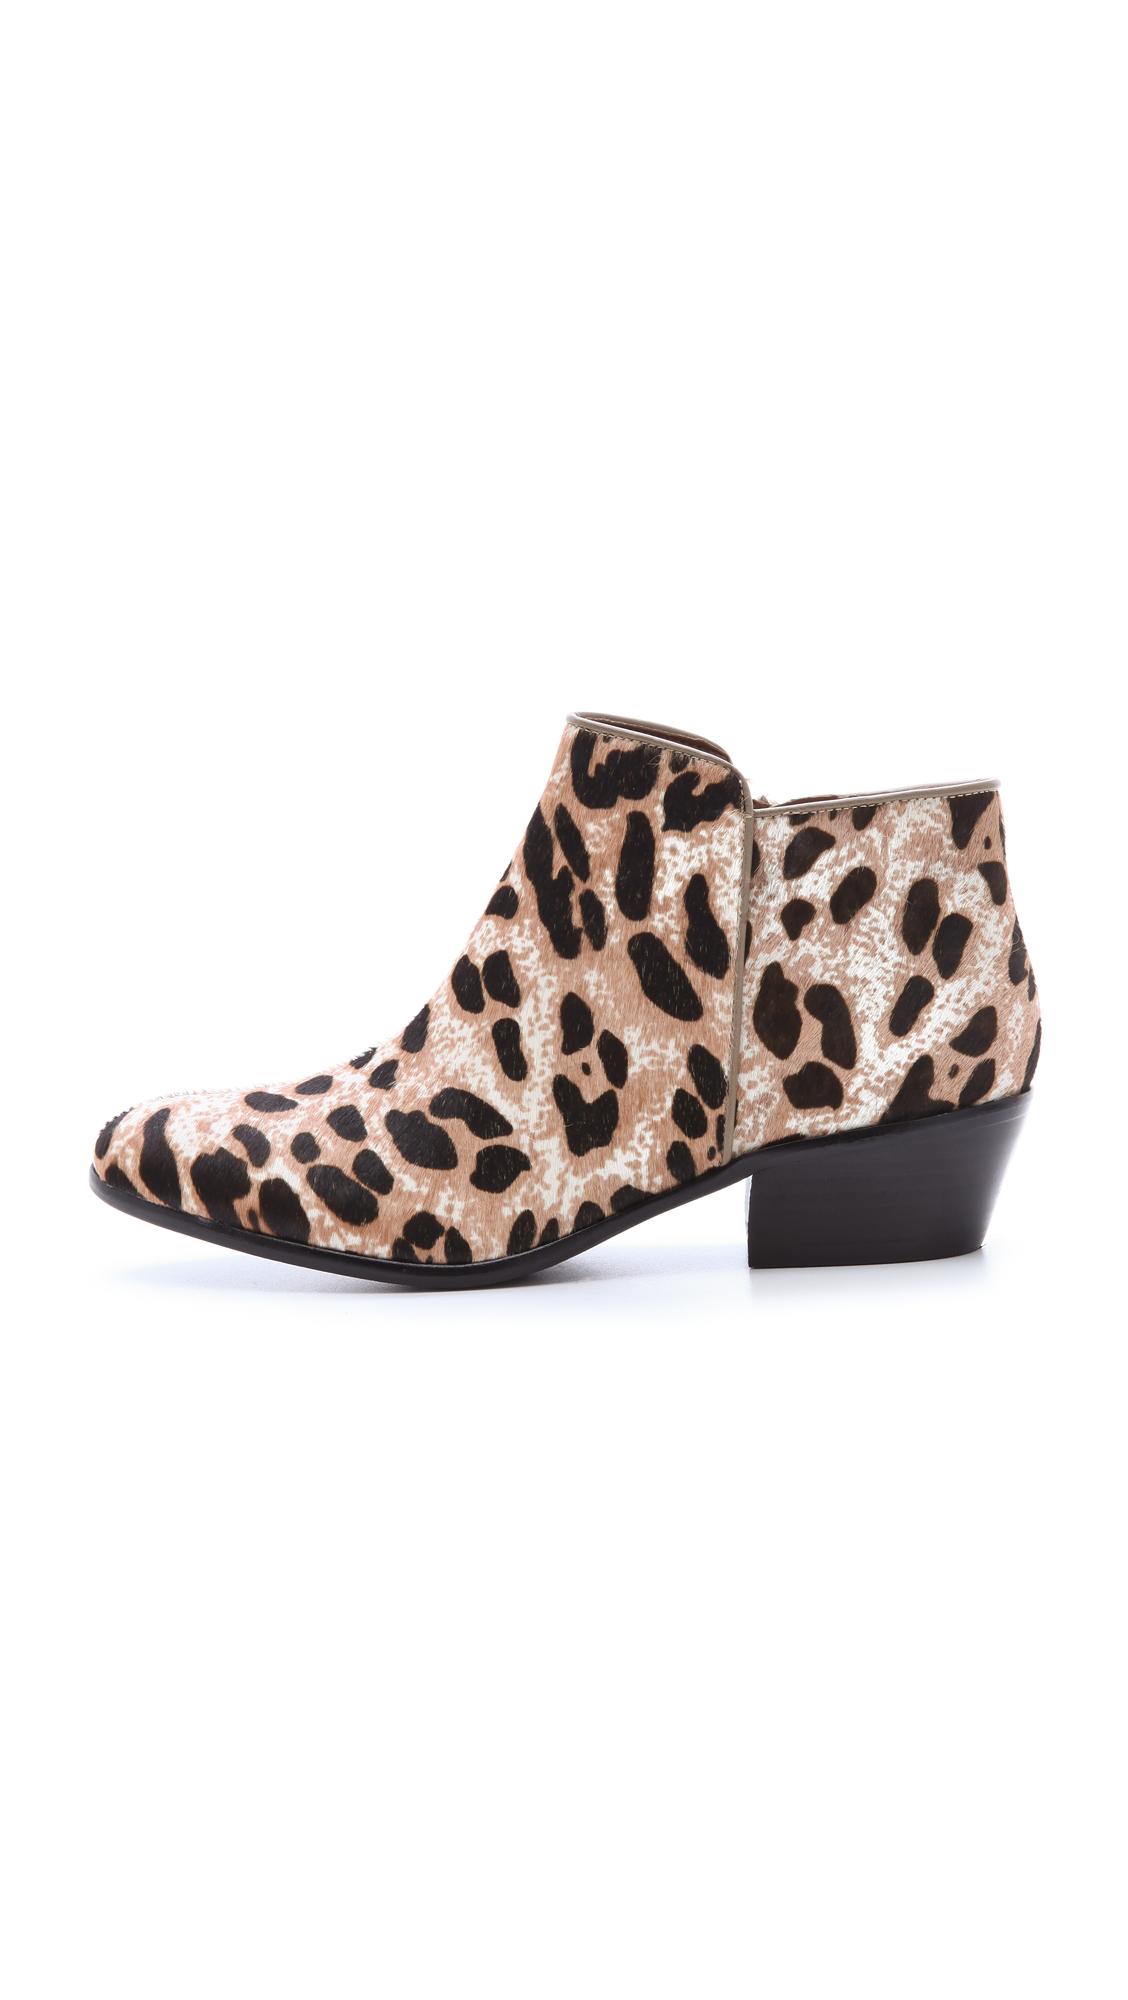 259defb9a Sam Edelman Petty Leopard Calf Hair Low Heel Ankle Boot. Sam Edelman Petty  Haircalf Booties ...